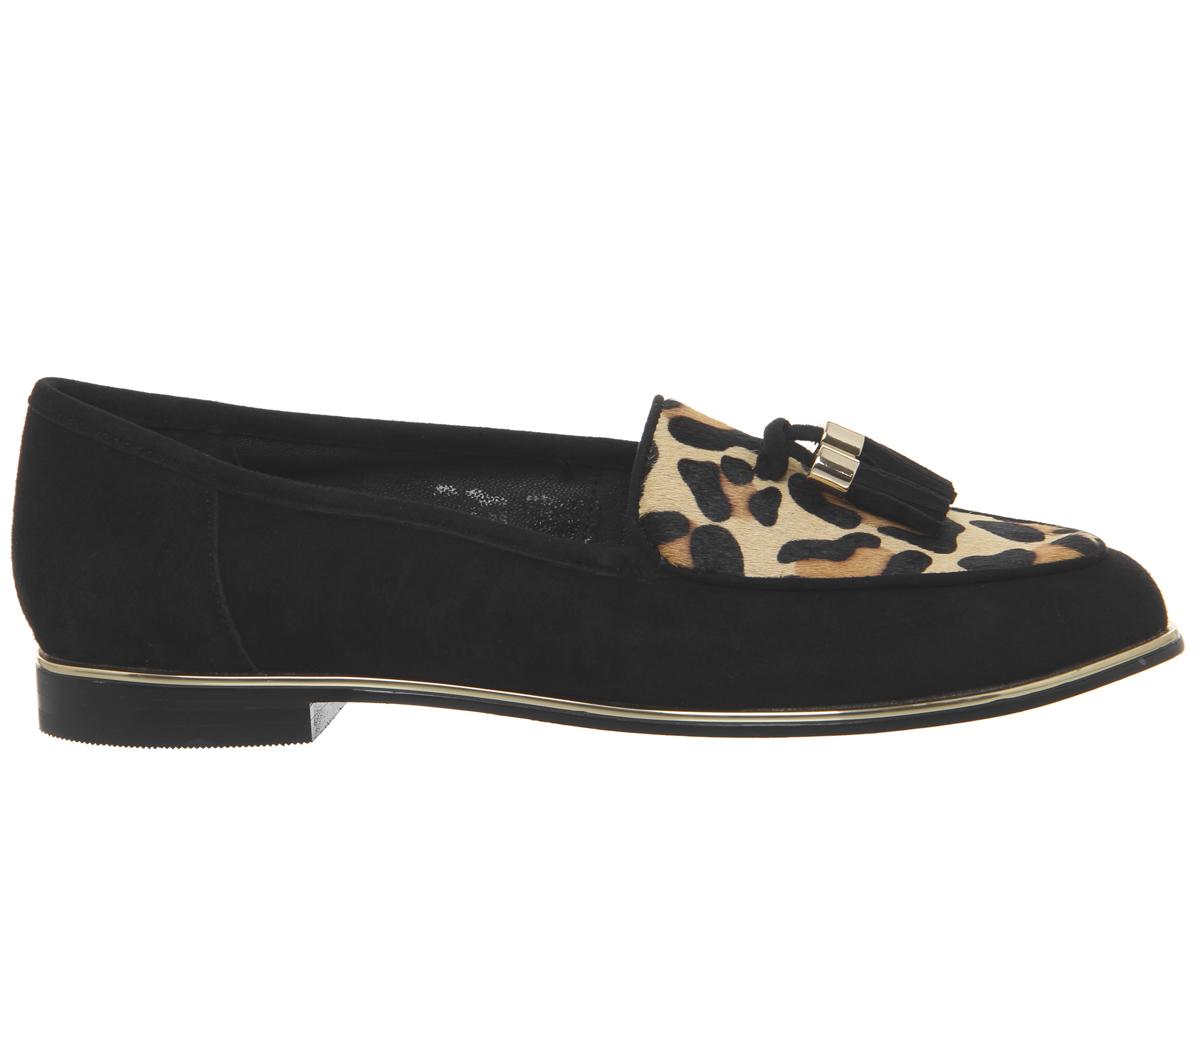 Damenschuhe Office Fallen Tassel Loafers BLACK SUEDE LEOPARD LEOPARD SUEDE EFFECT Flats 406a77